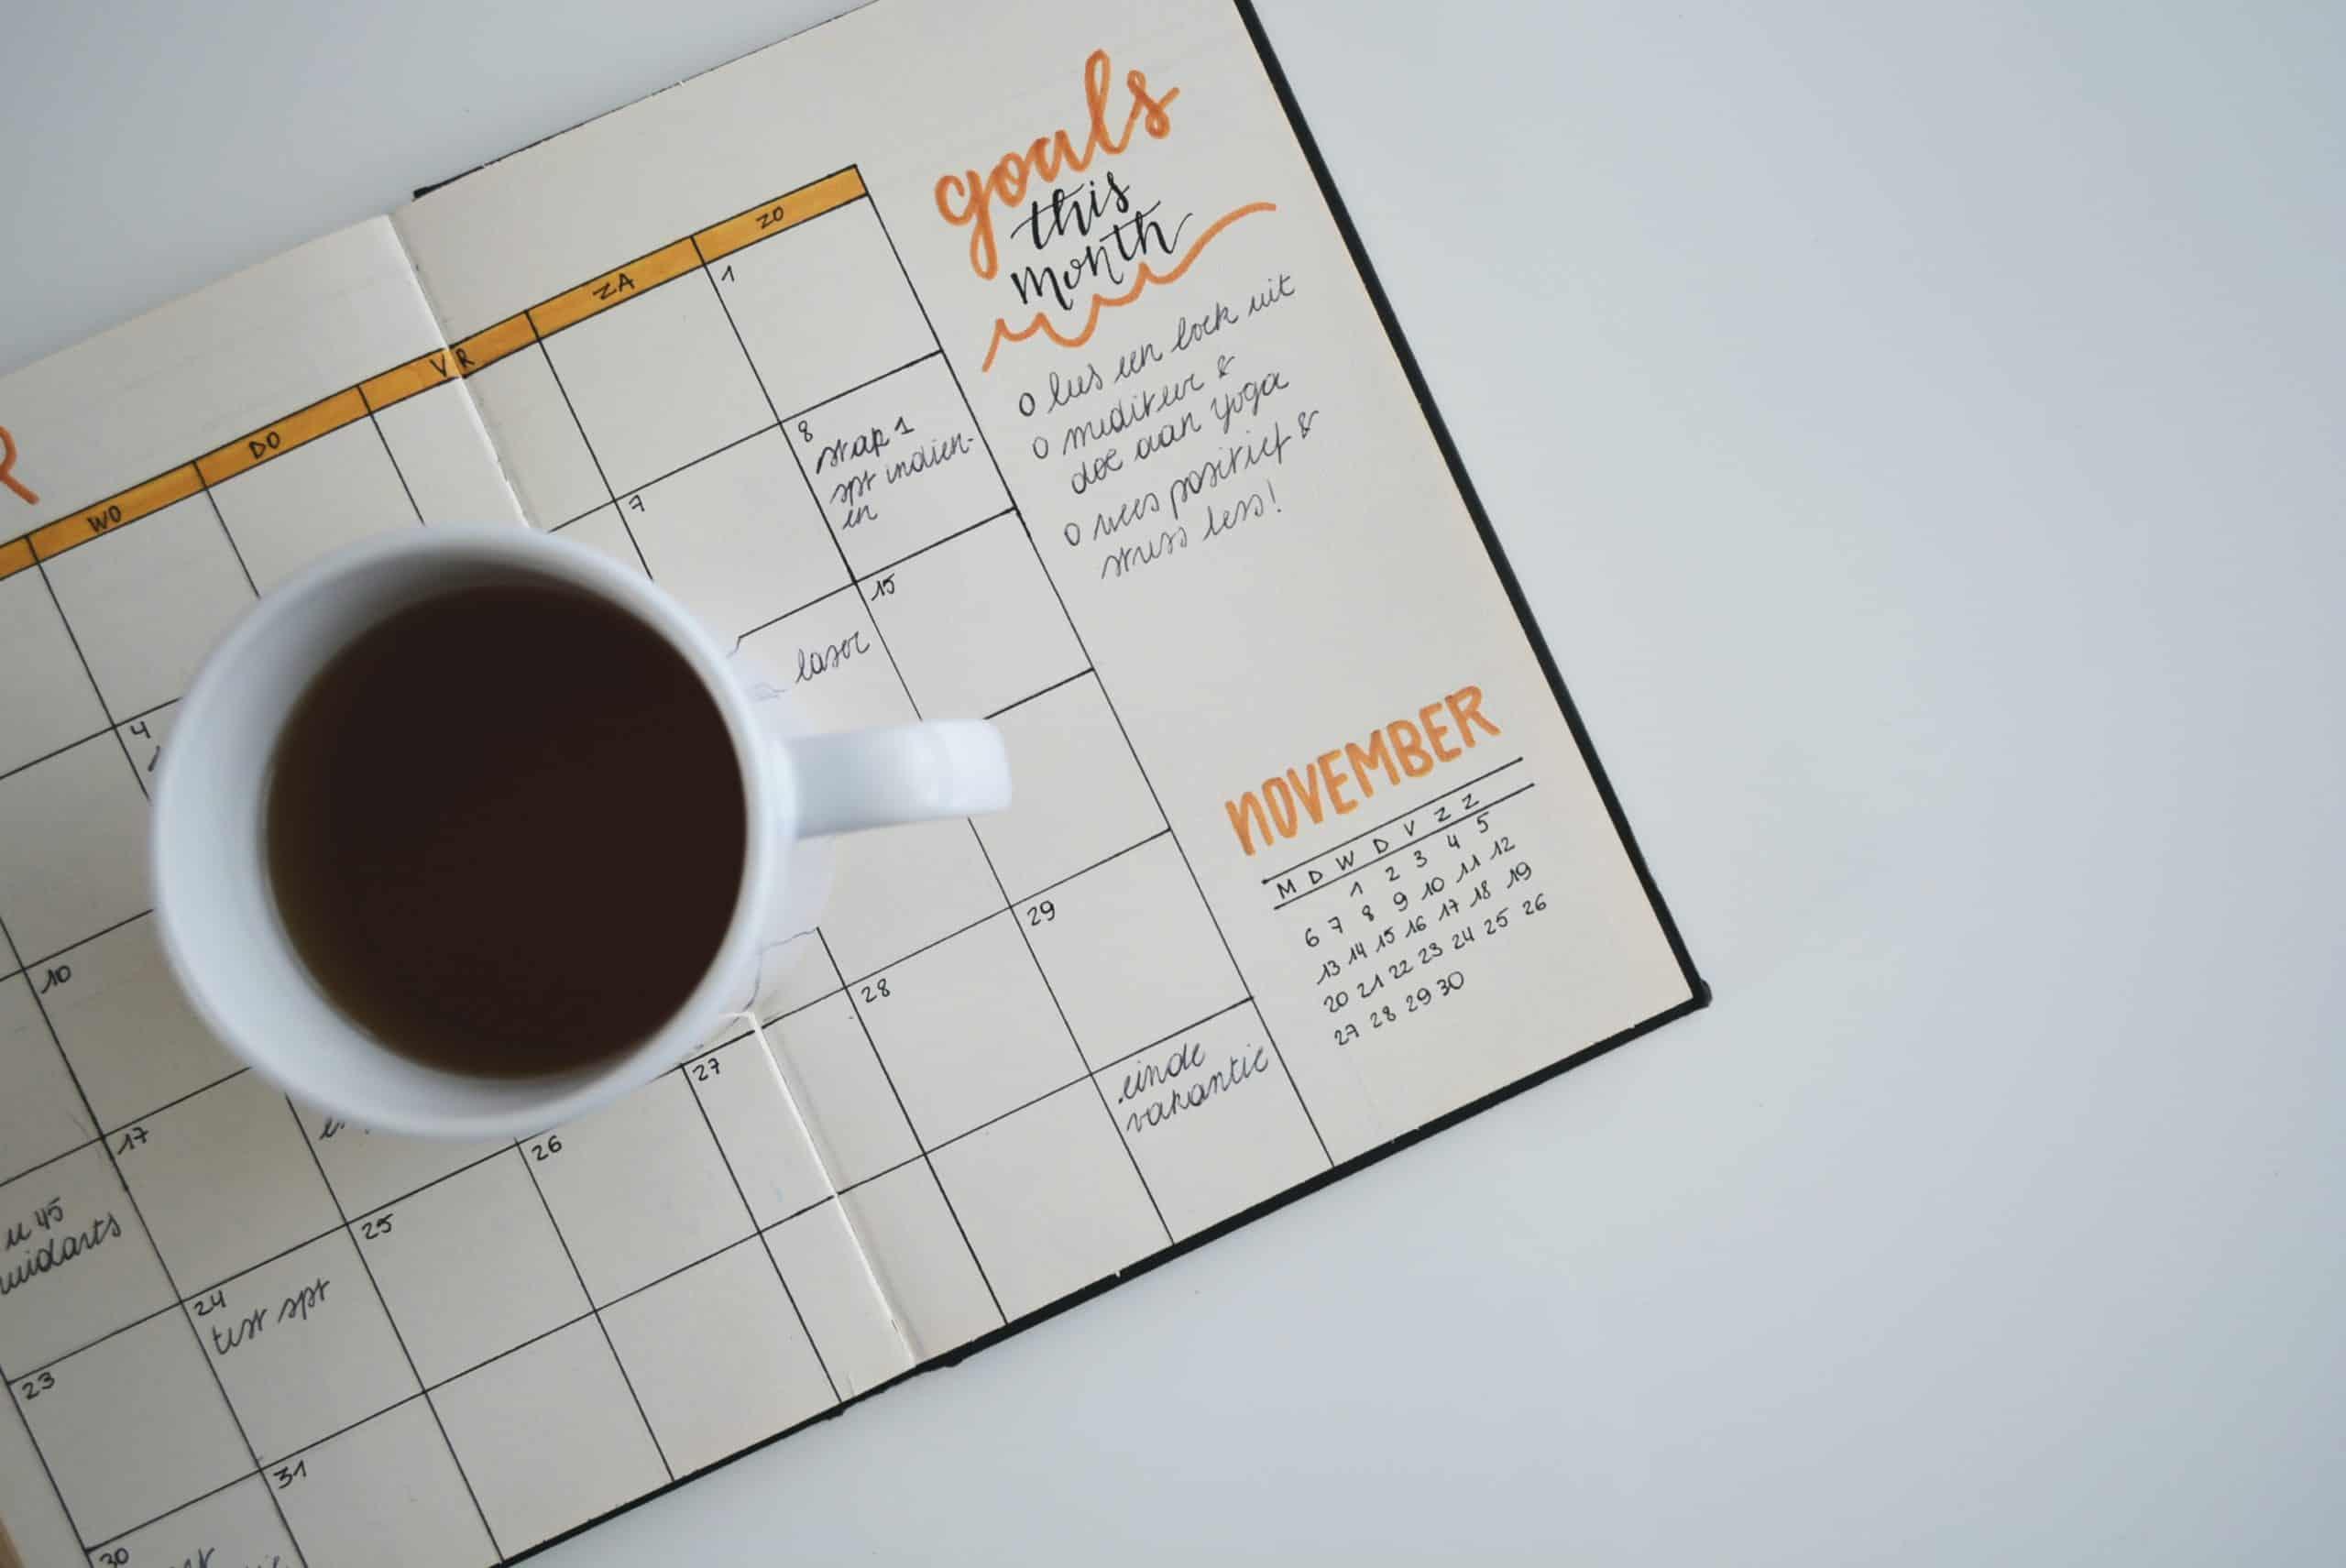 Hogyan tűzd ki az éves céljaidat? (3 részes ingyenes sorozat) 2